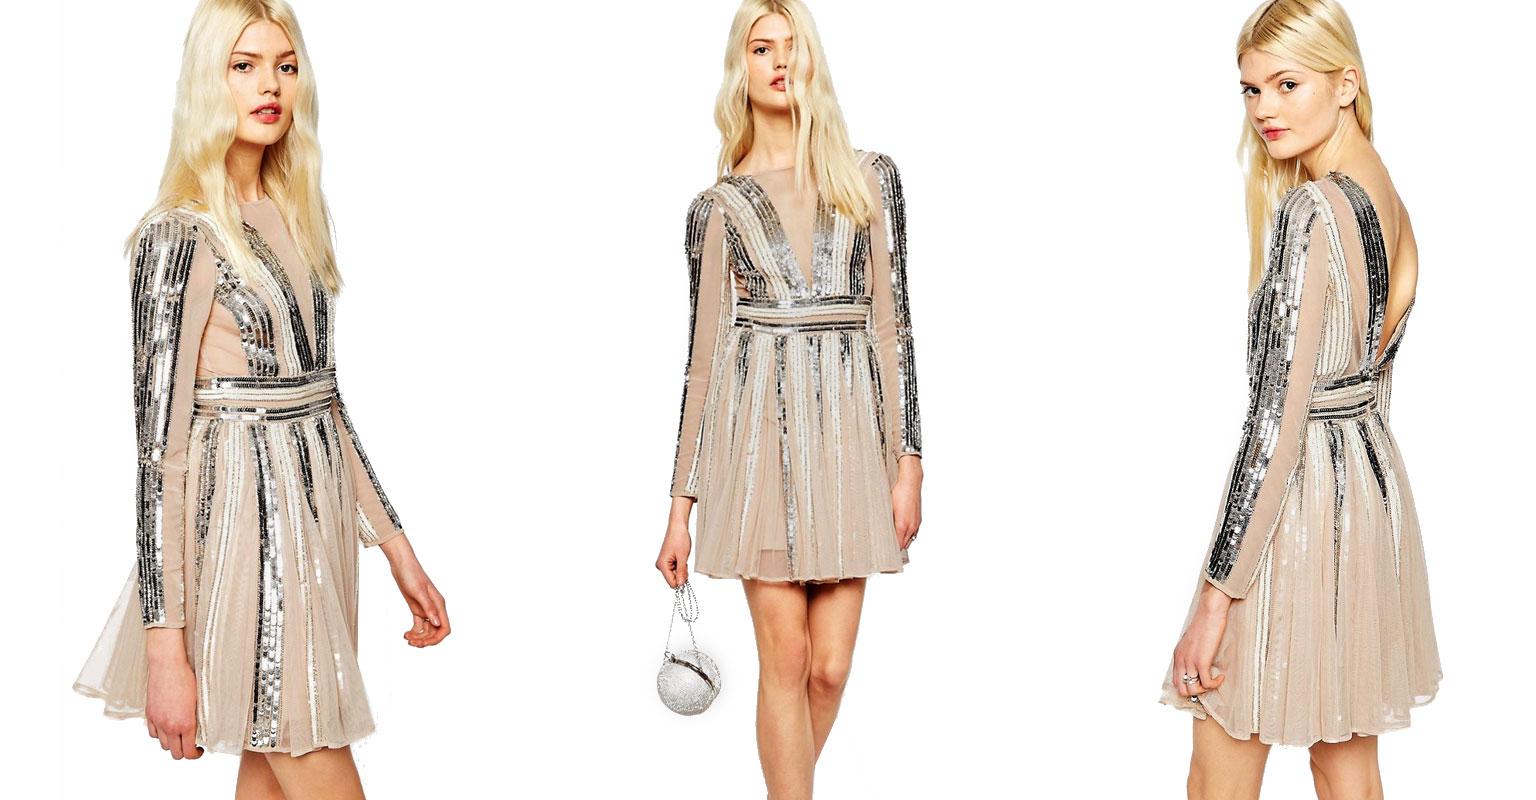 Rochie cu aplicatii argintii